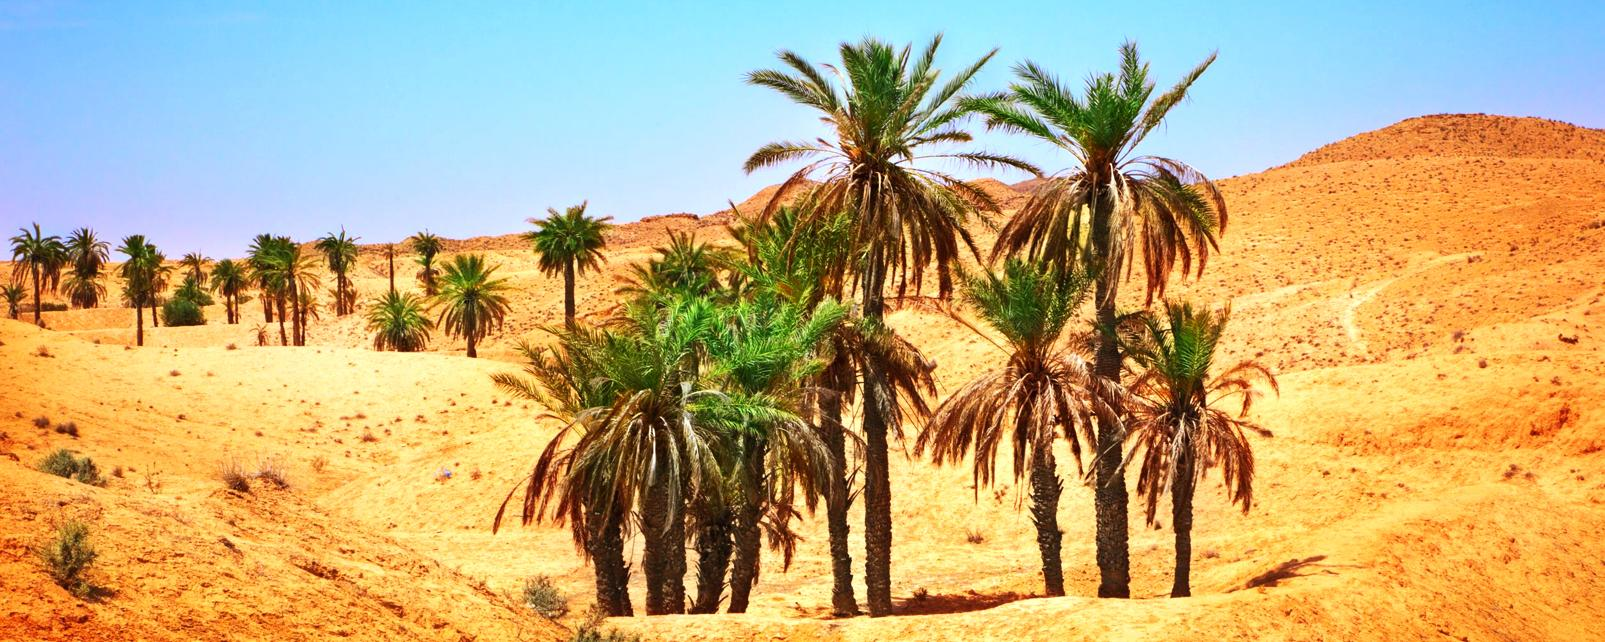 Afrique, Mauritanie, Sahara, désert, palmier, dune, sable,